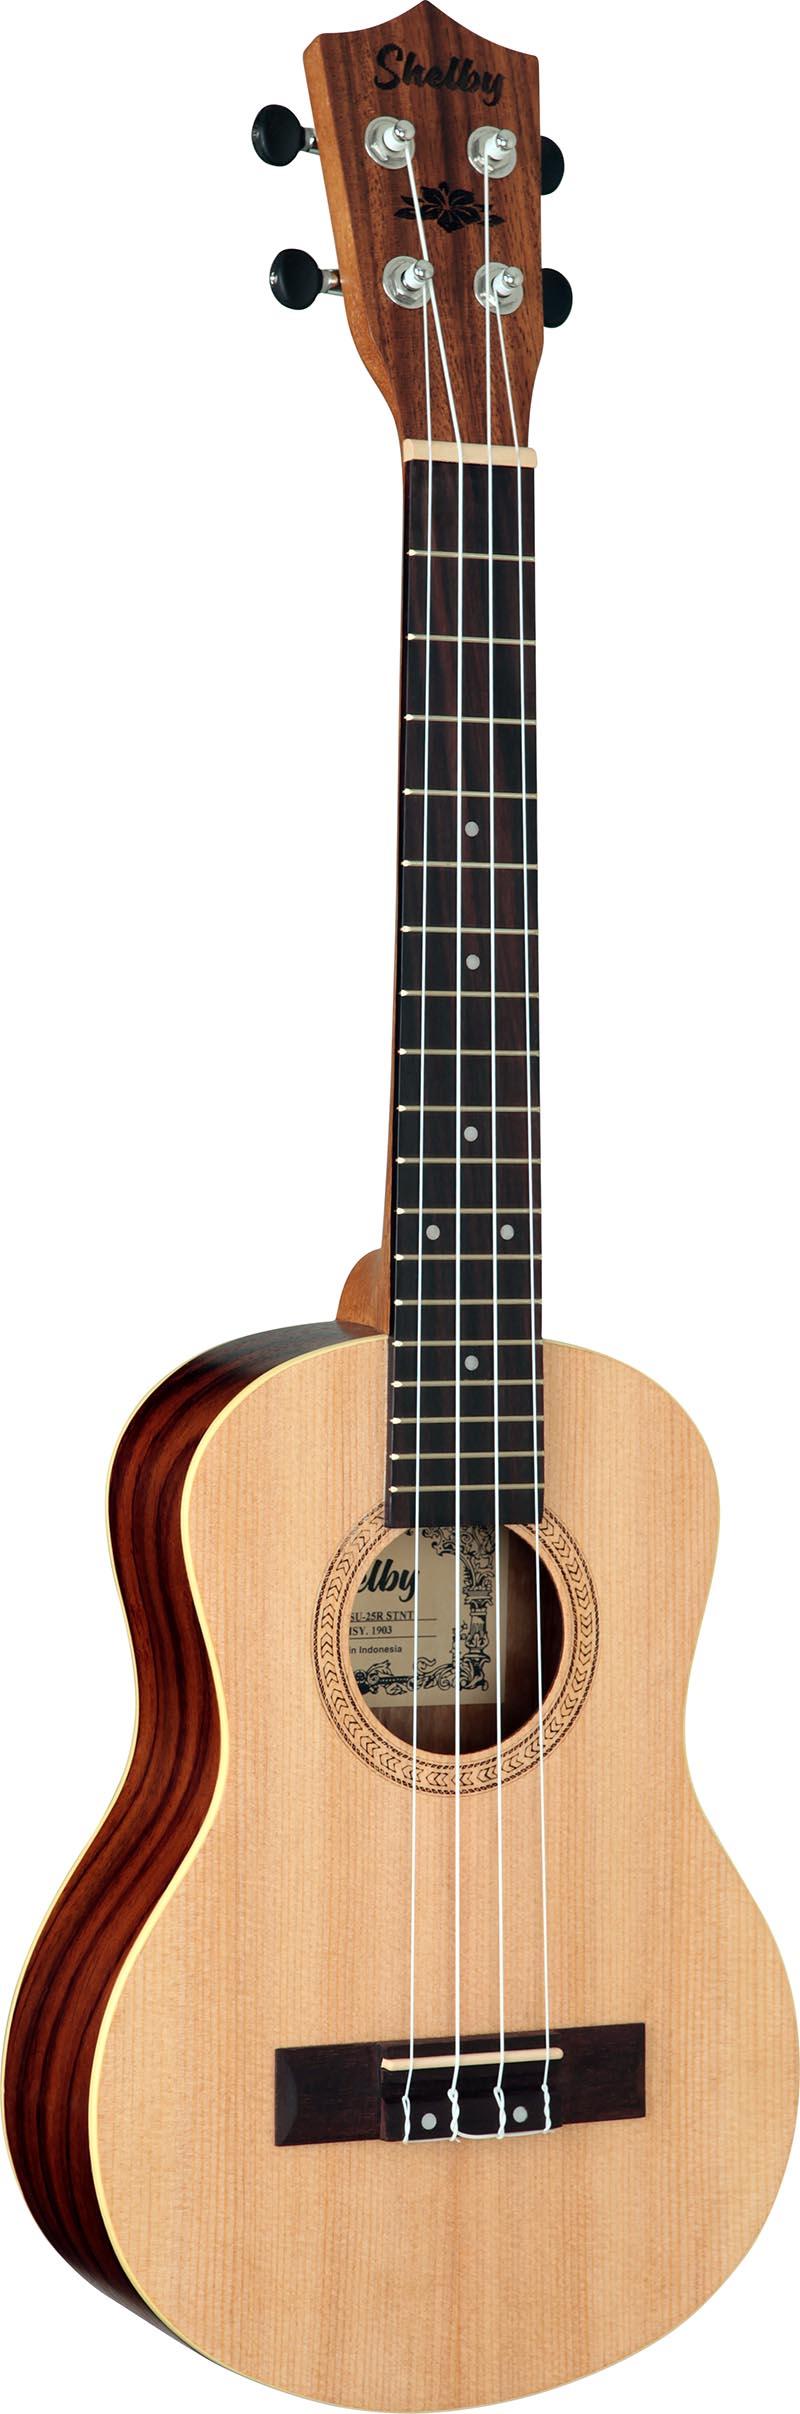 su25r ukulele tenor shelby su25r stnt jacaranda acetinado visao frontal vertical